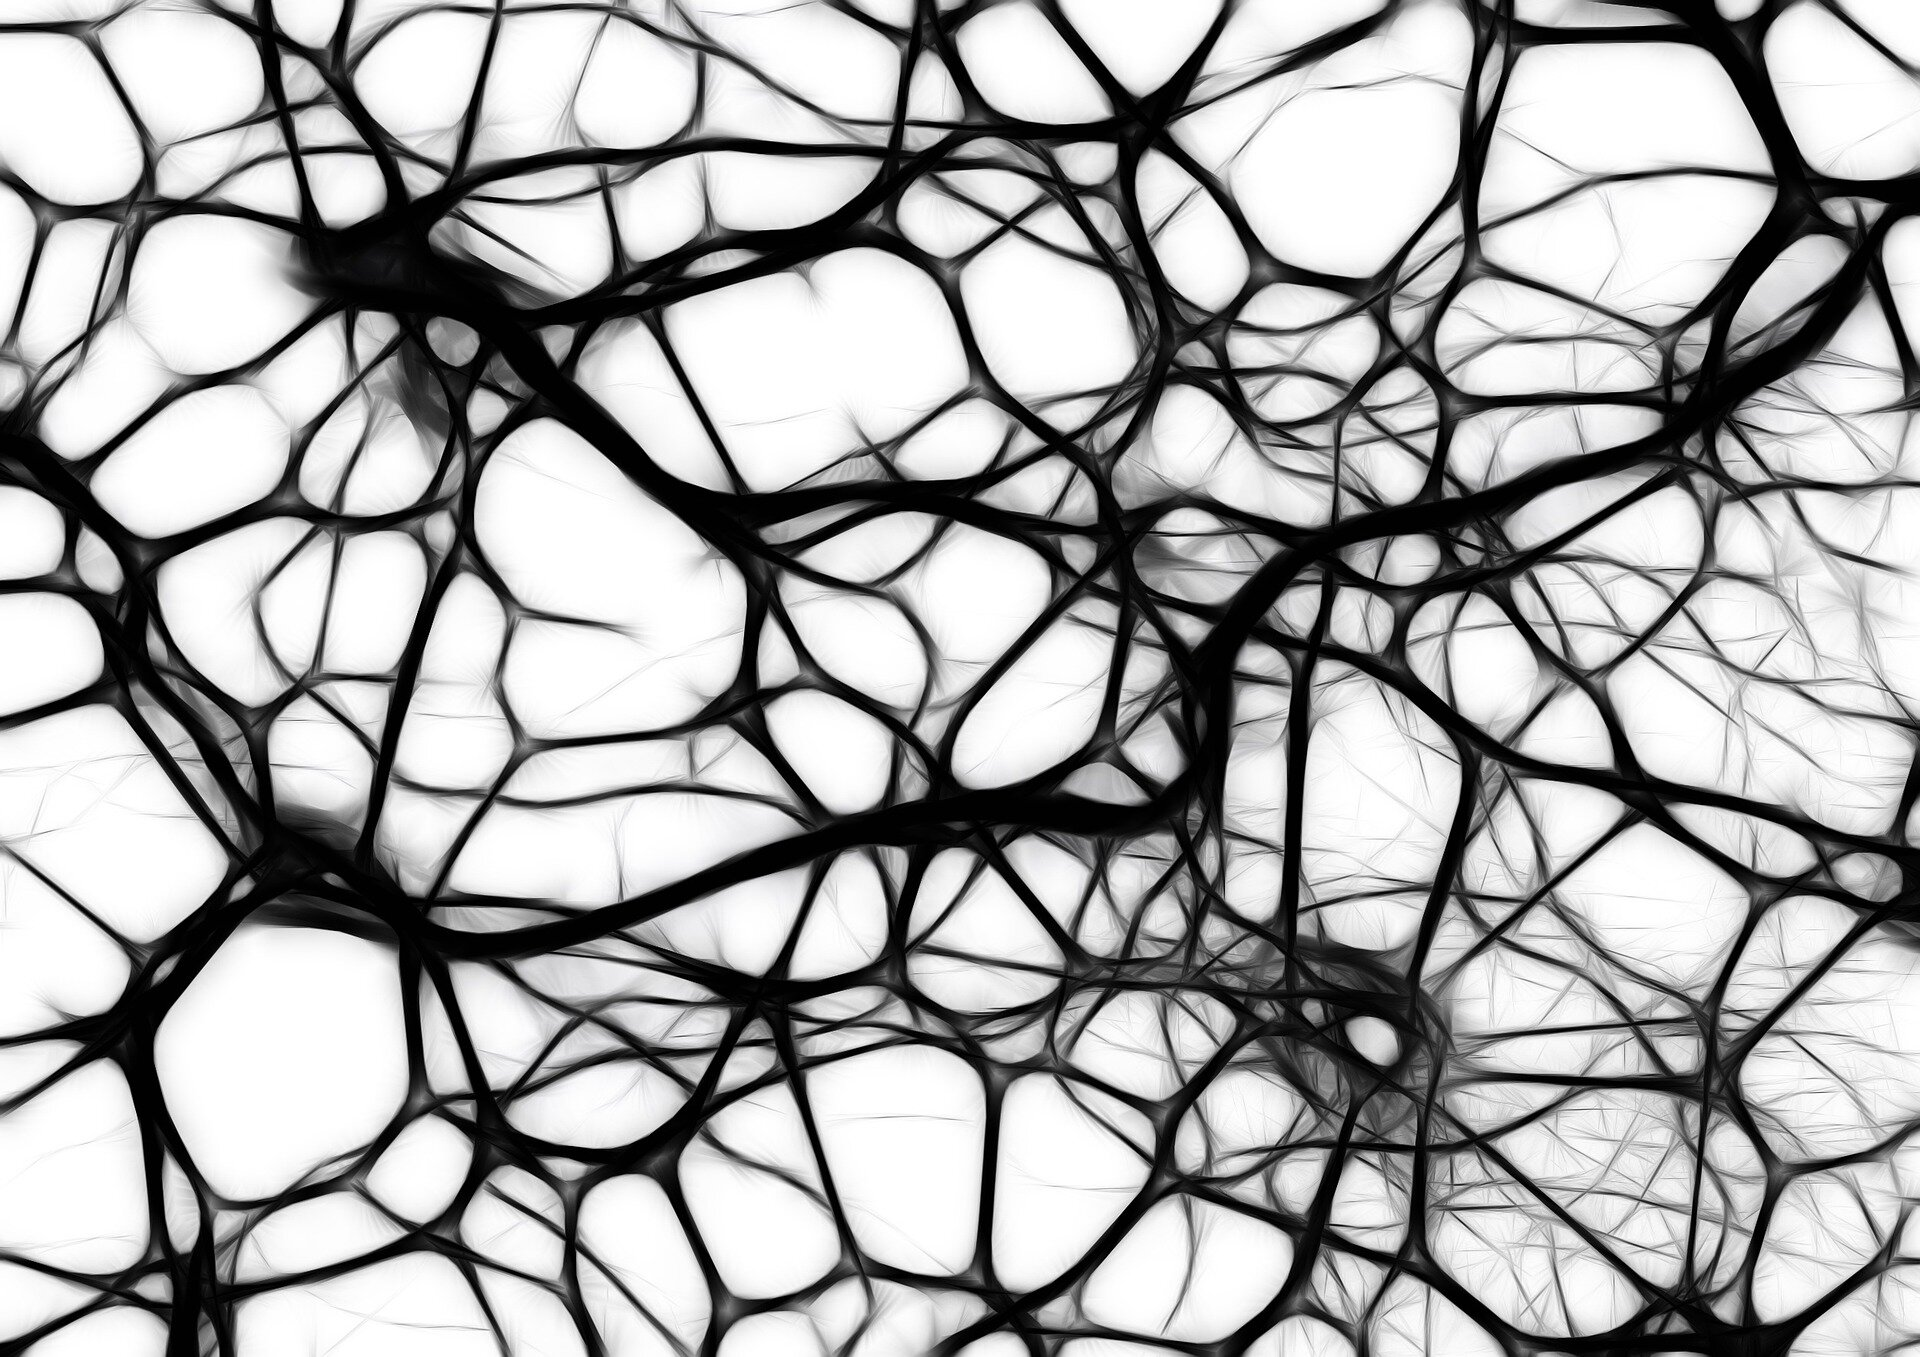 Das magnetische Stammzellen verbessern Knorpel reparieren?